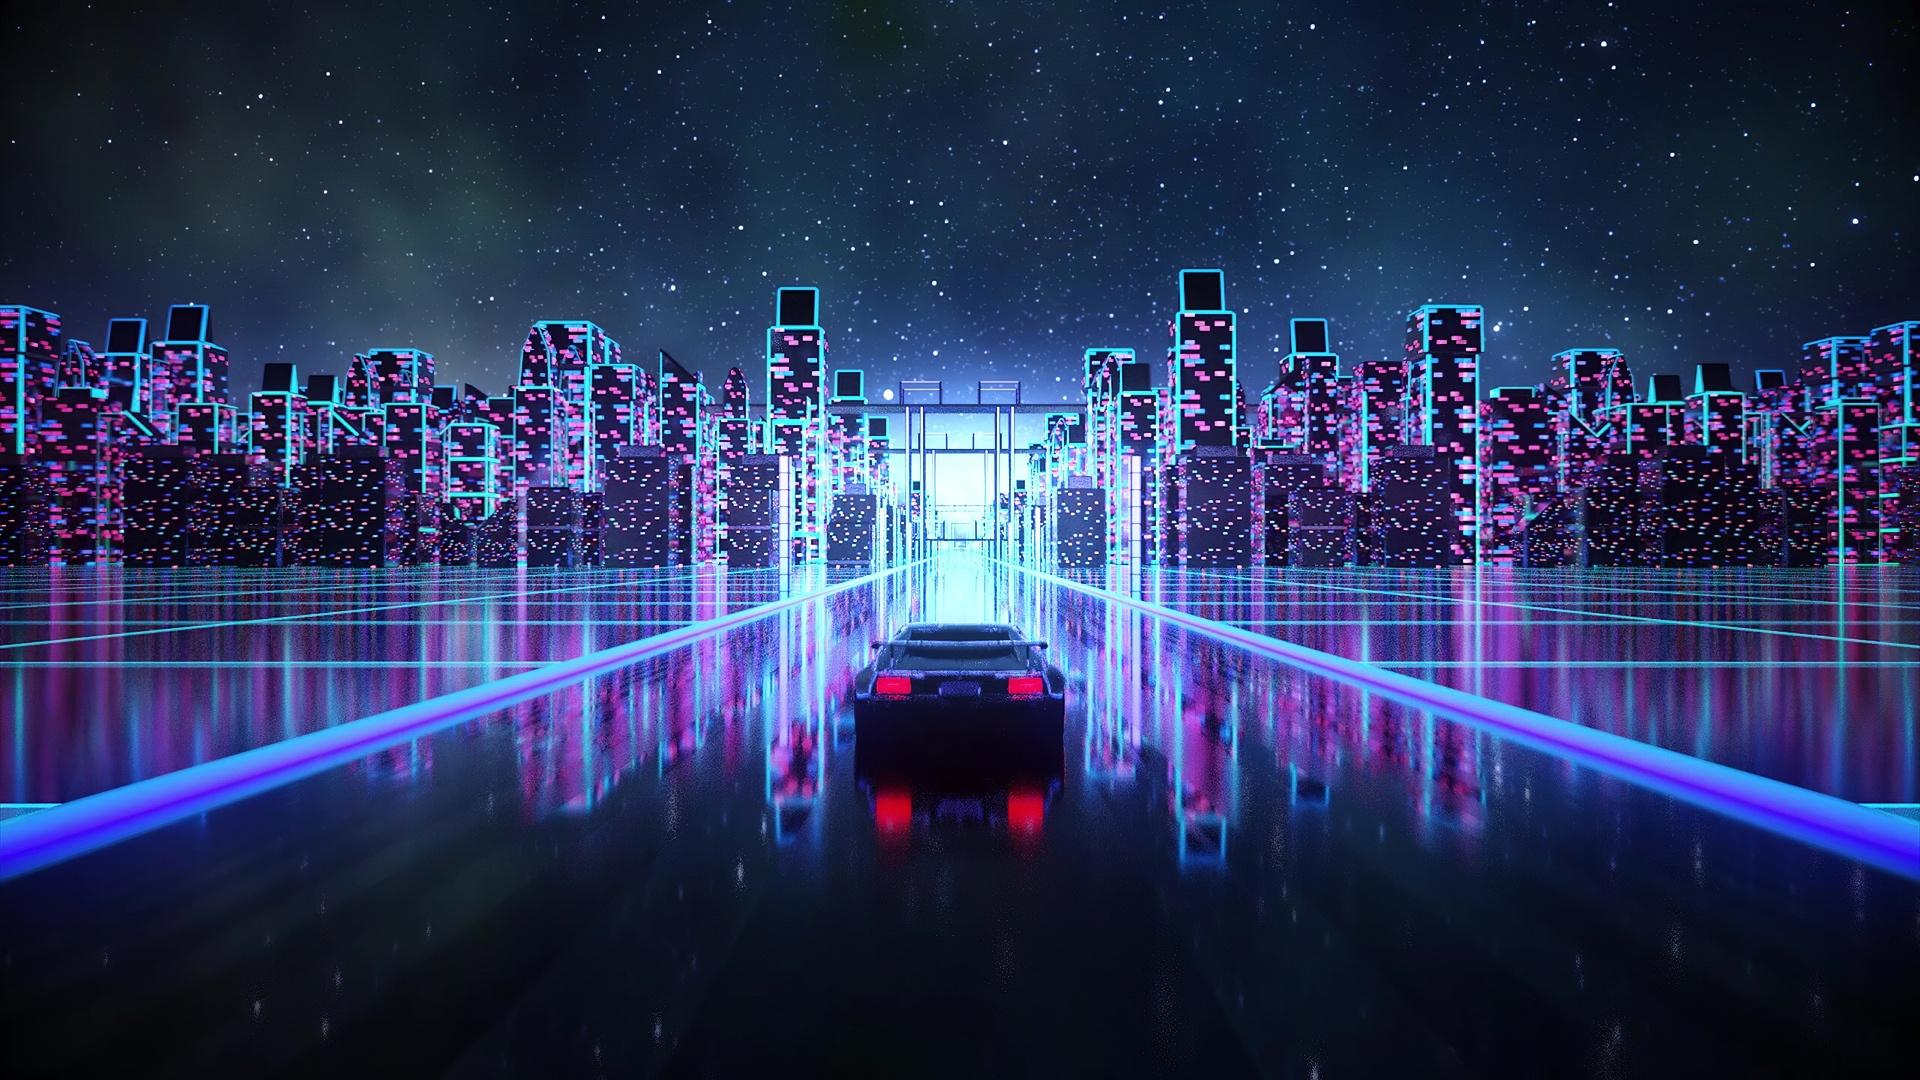 Neon desktop wallpaper free download